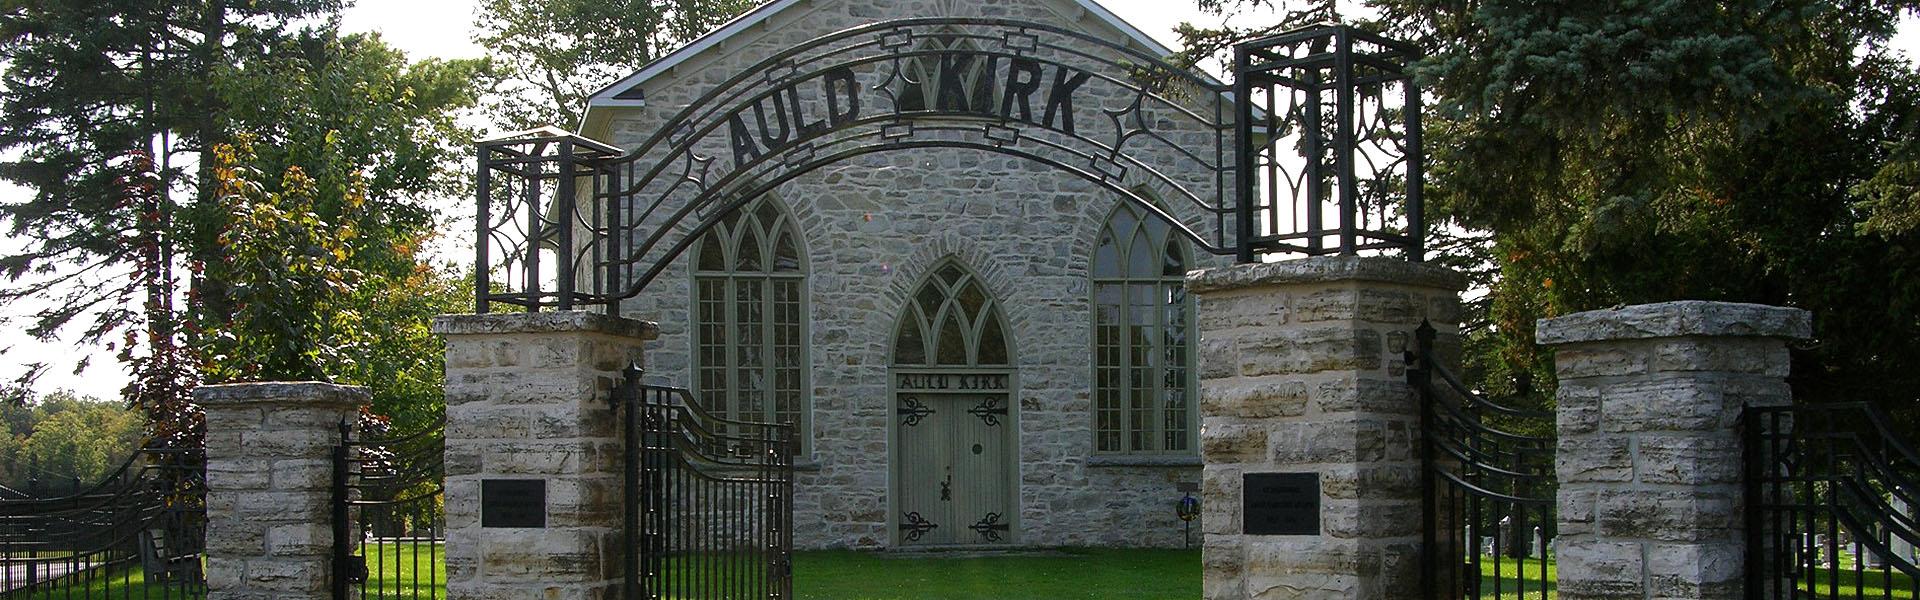 Auld Kirk Presbyterian Church